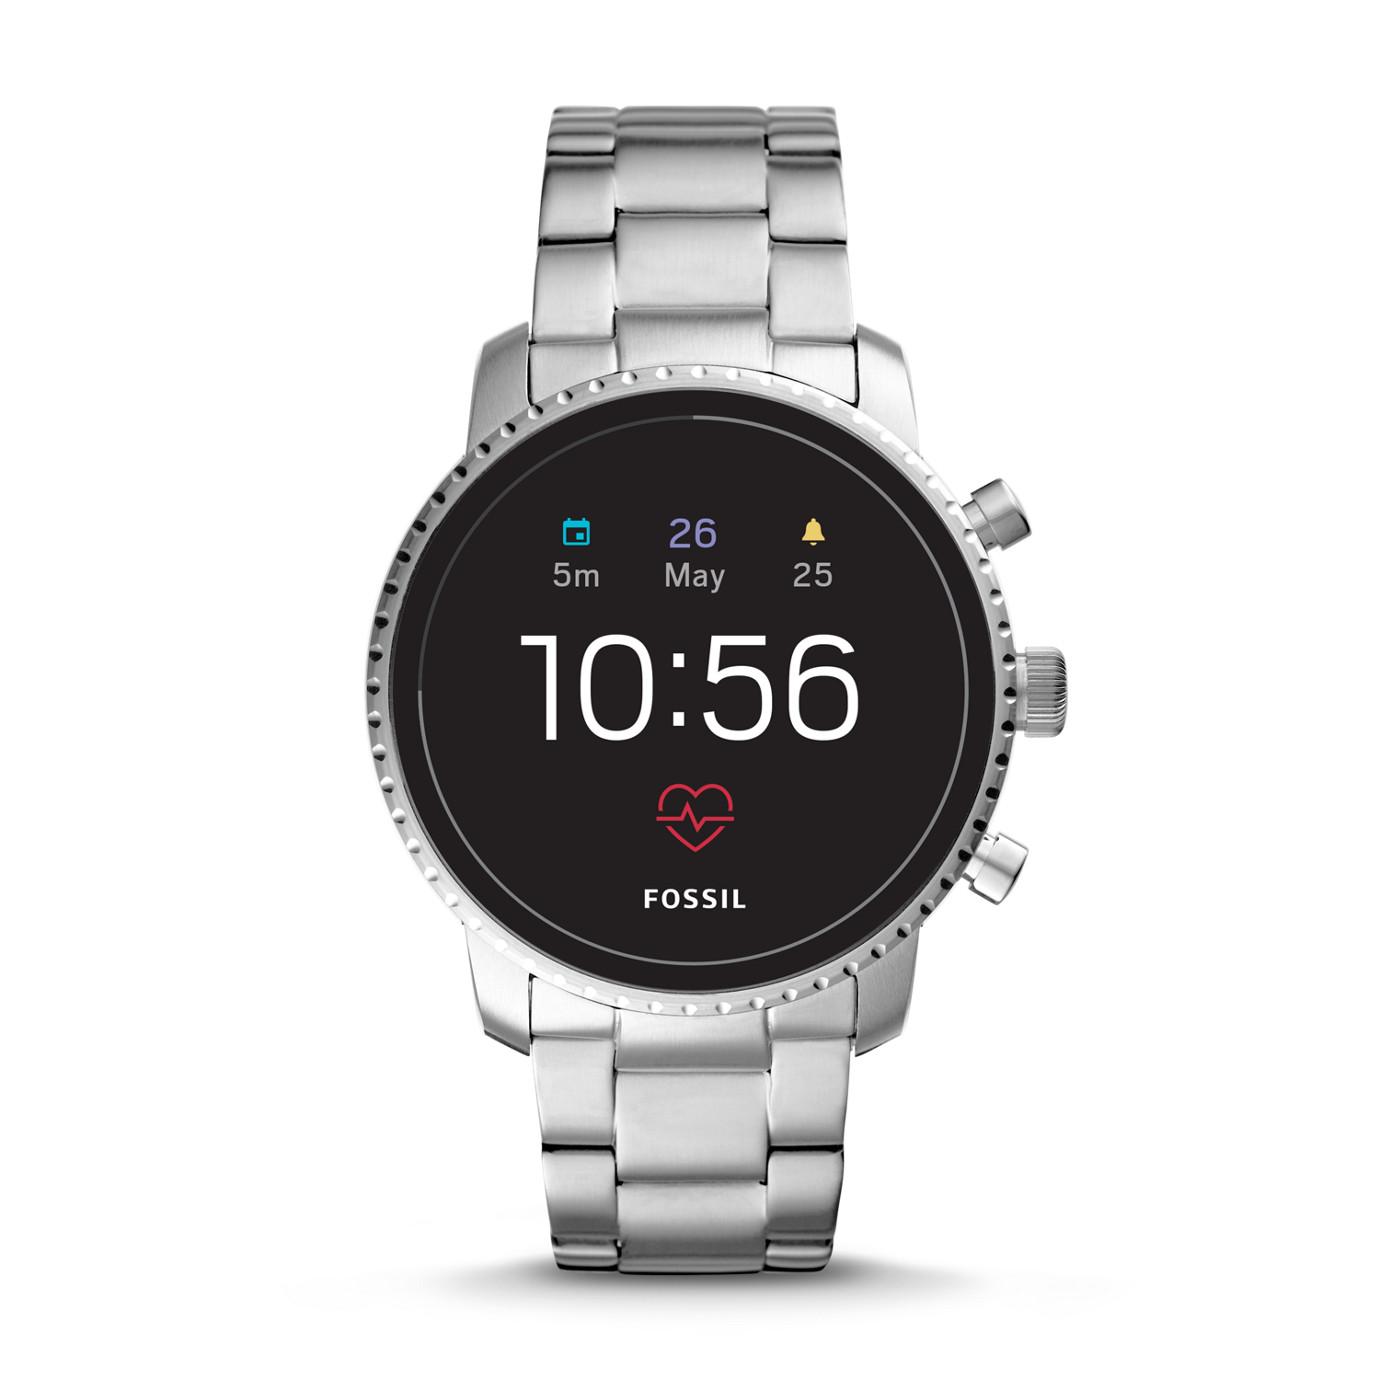 第 4 代智慧型腕錶── Explorist HR 不鏽鋼系列